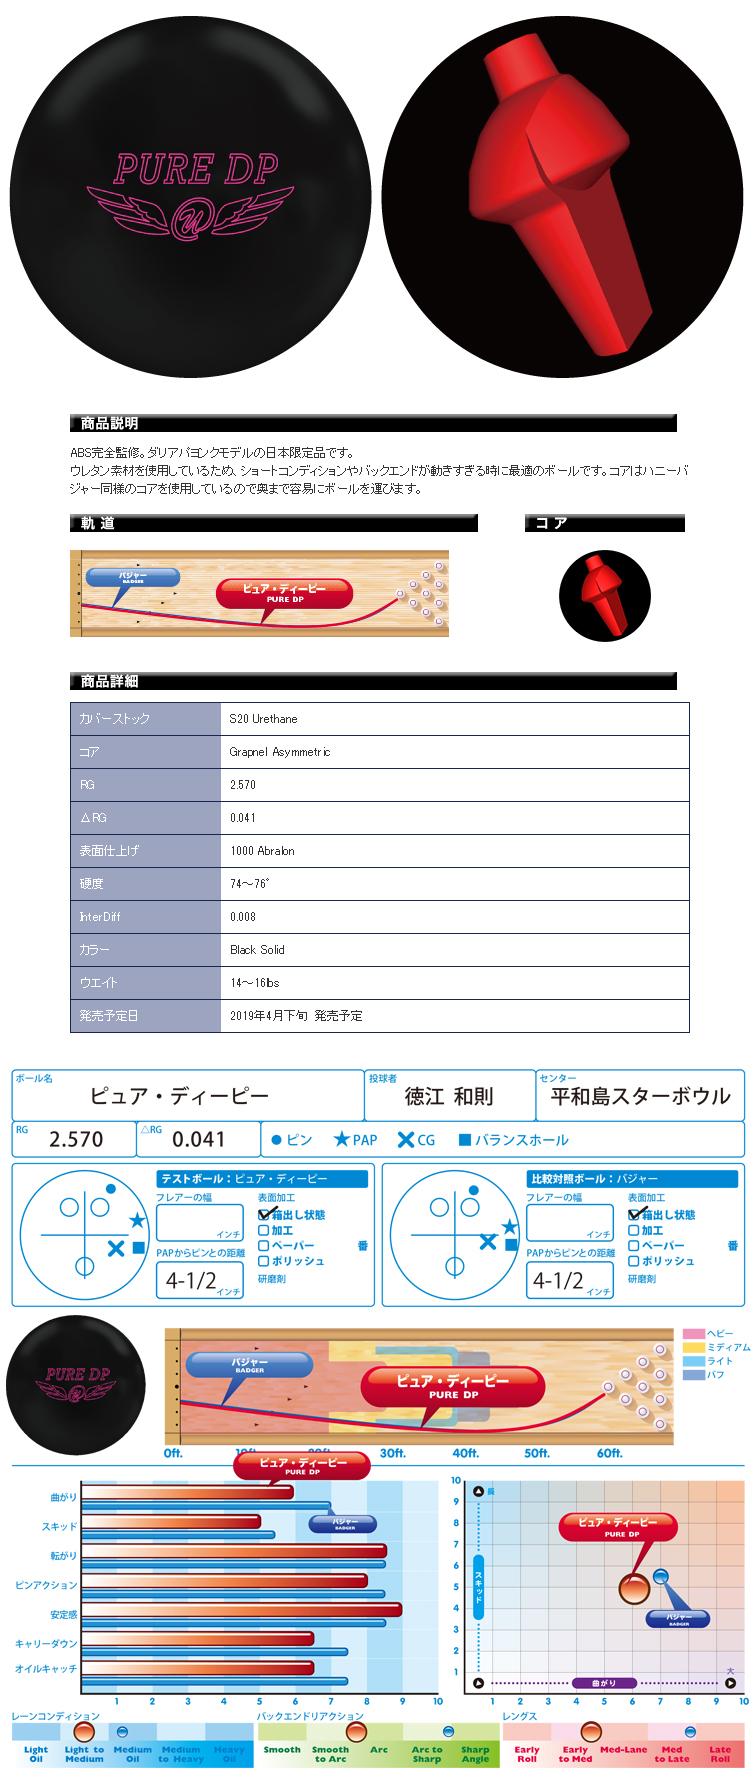 ボウリング用品 ボウリングボール 900グローバル 900GLOBAL ピュアDP PURE DP